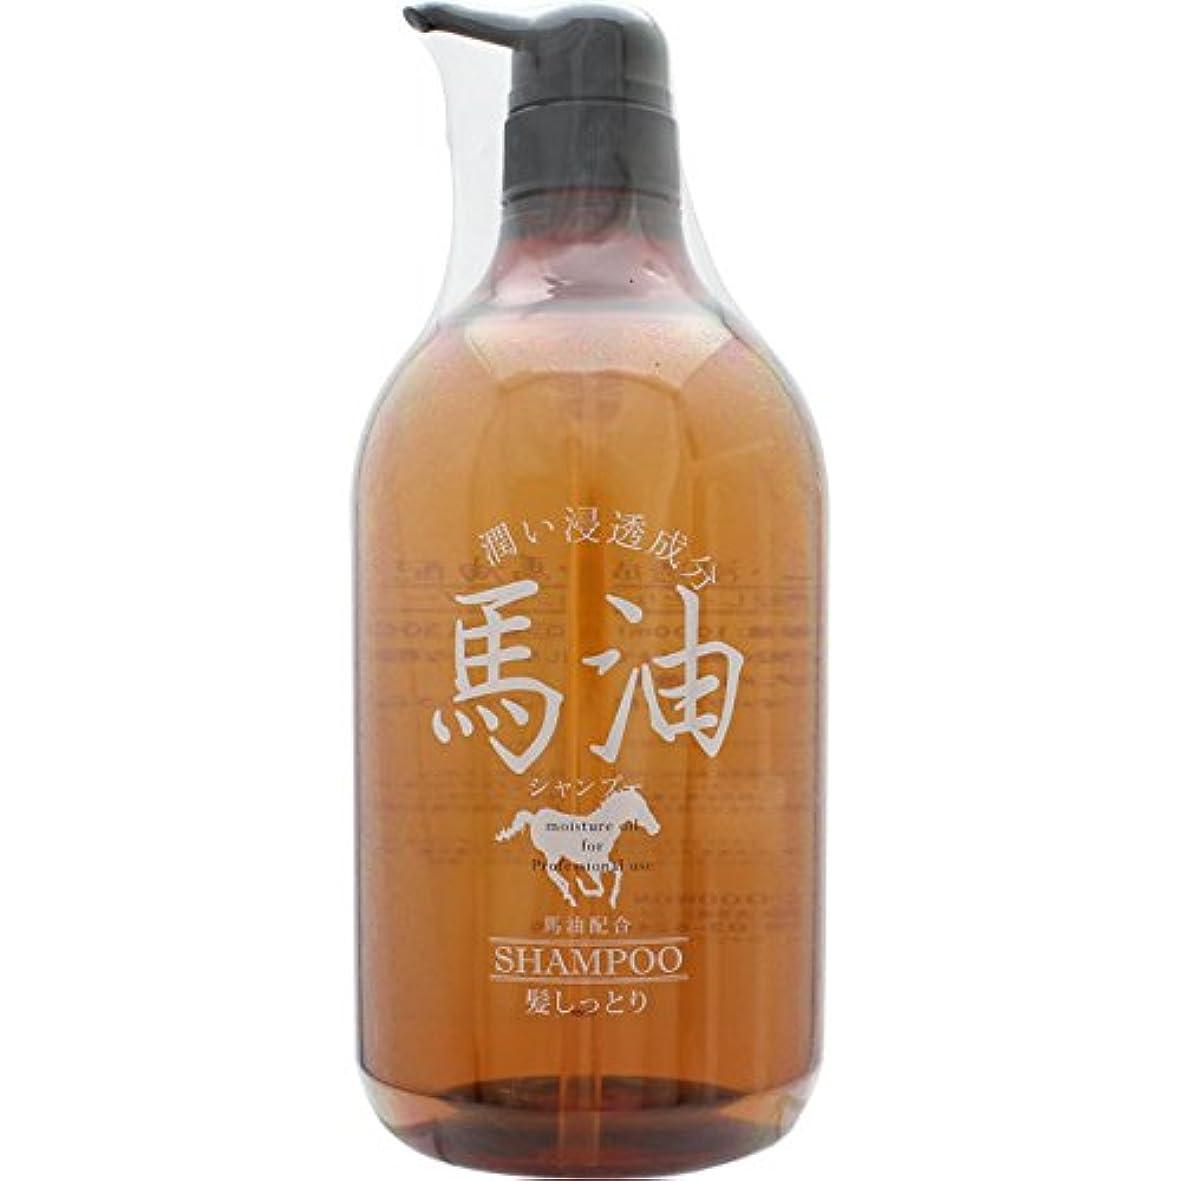 置換製造統合する宇津木産業 髪しっとり 馬油シャンプー 1000ml